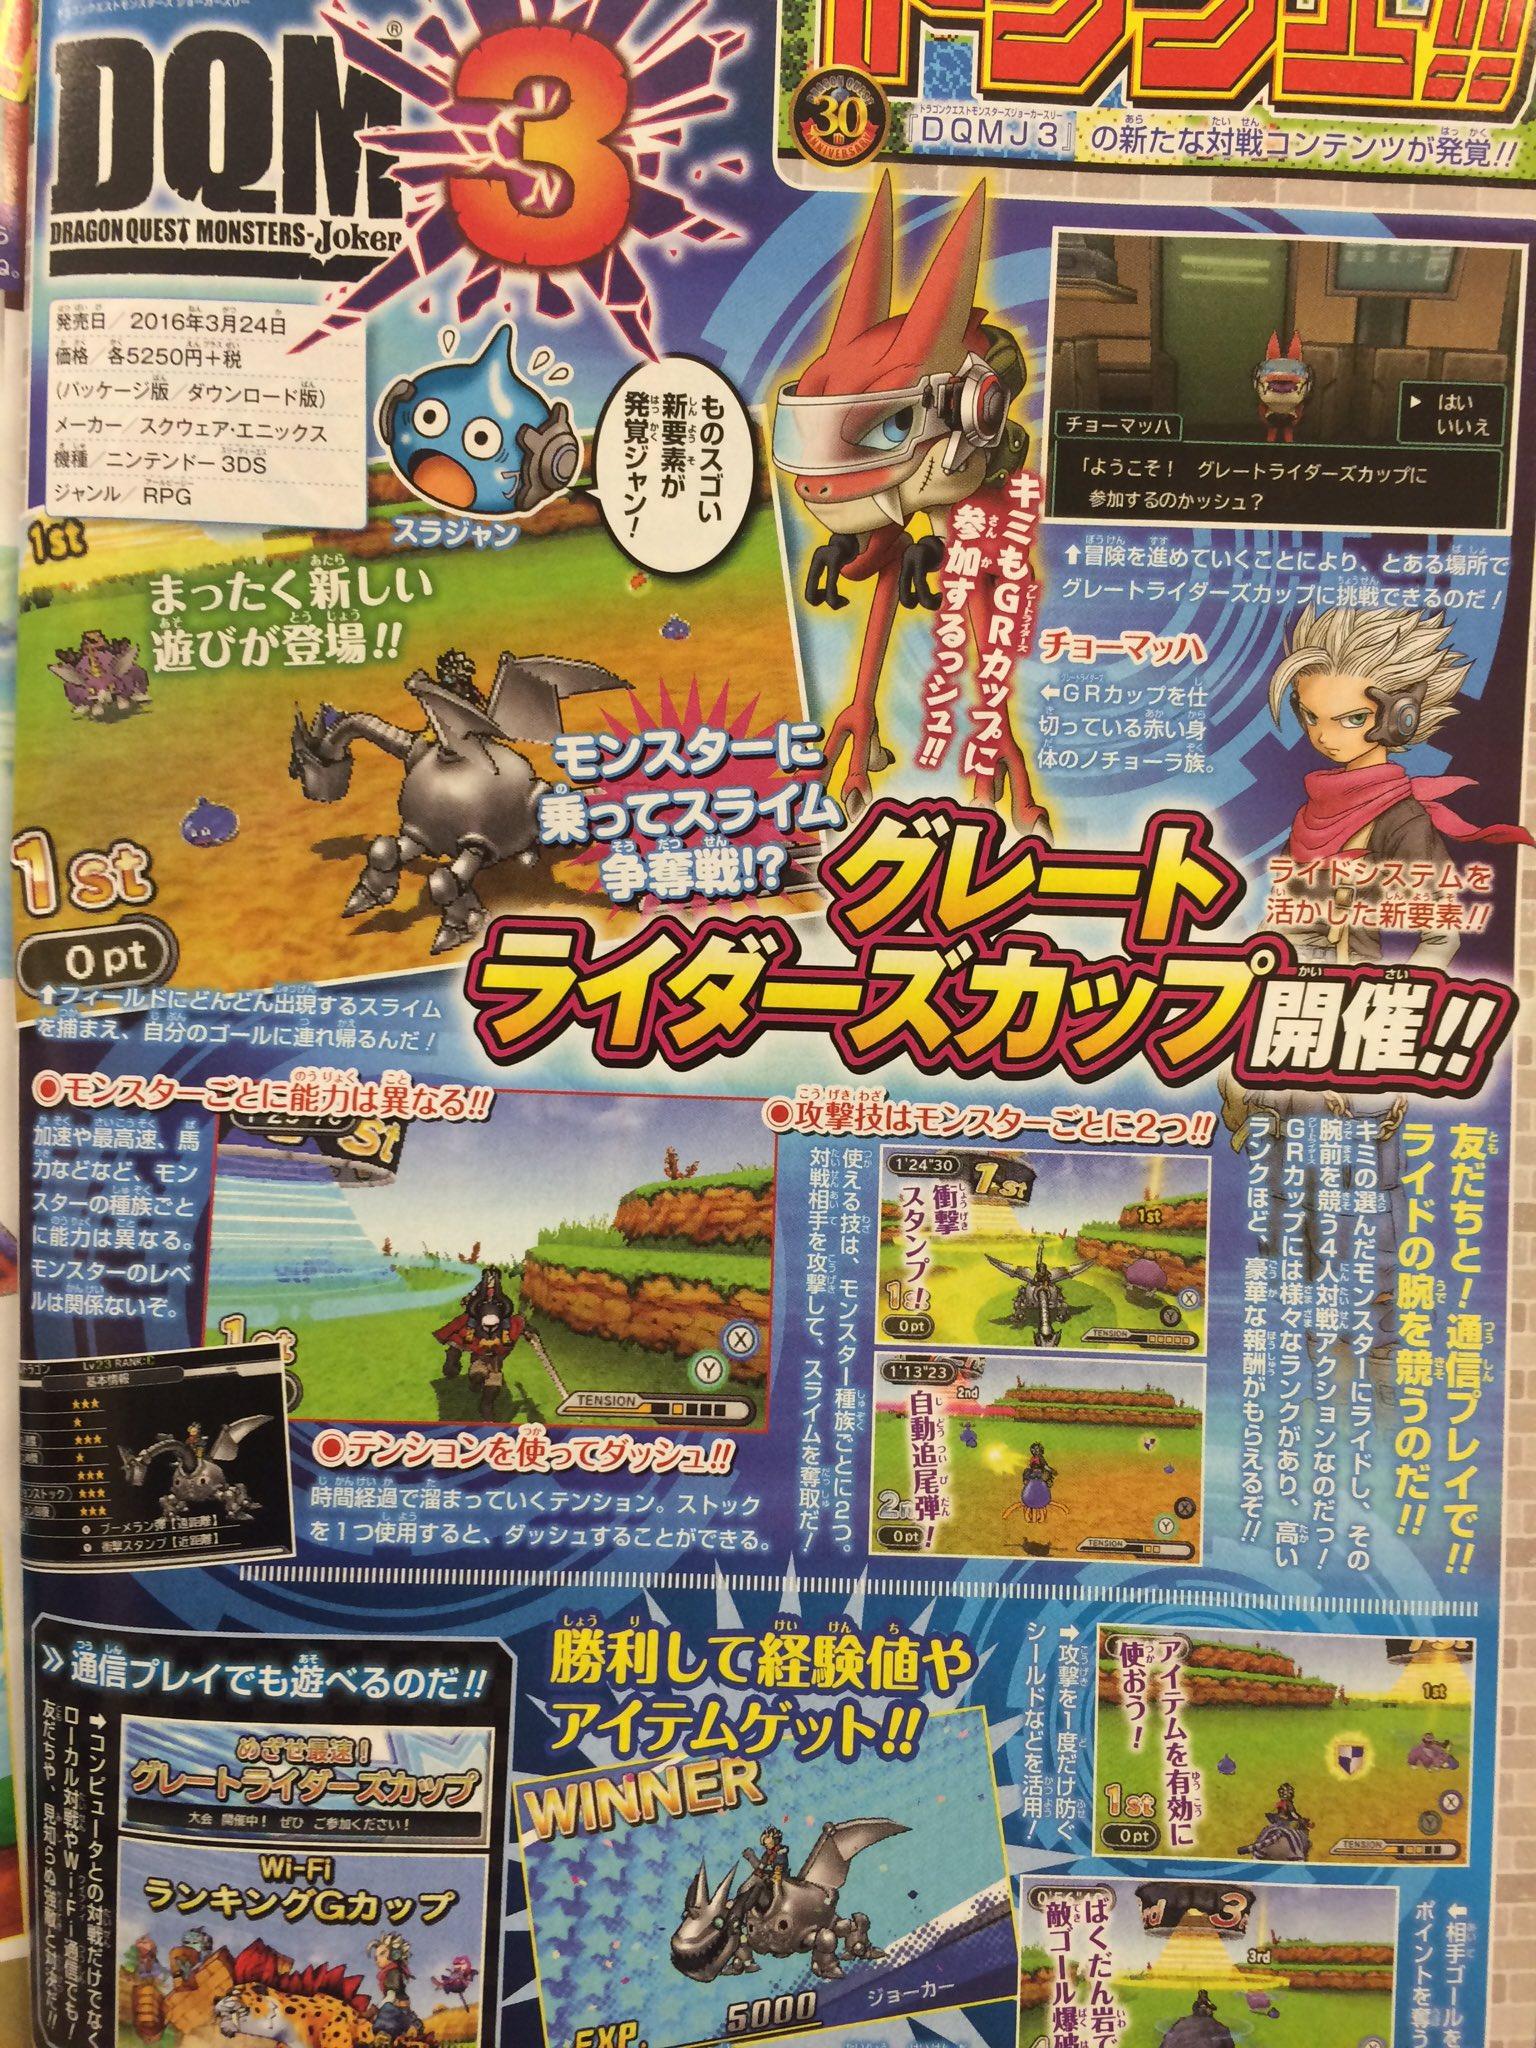 Dragon Quest Monsters Joker 3 Deutschland